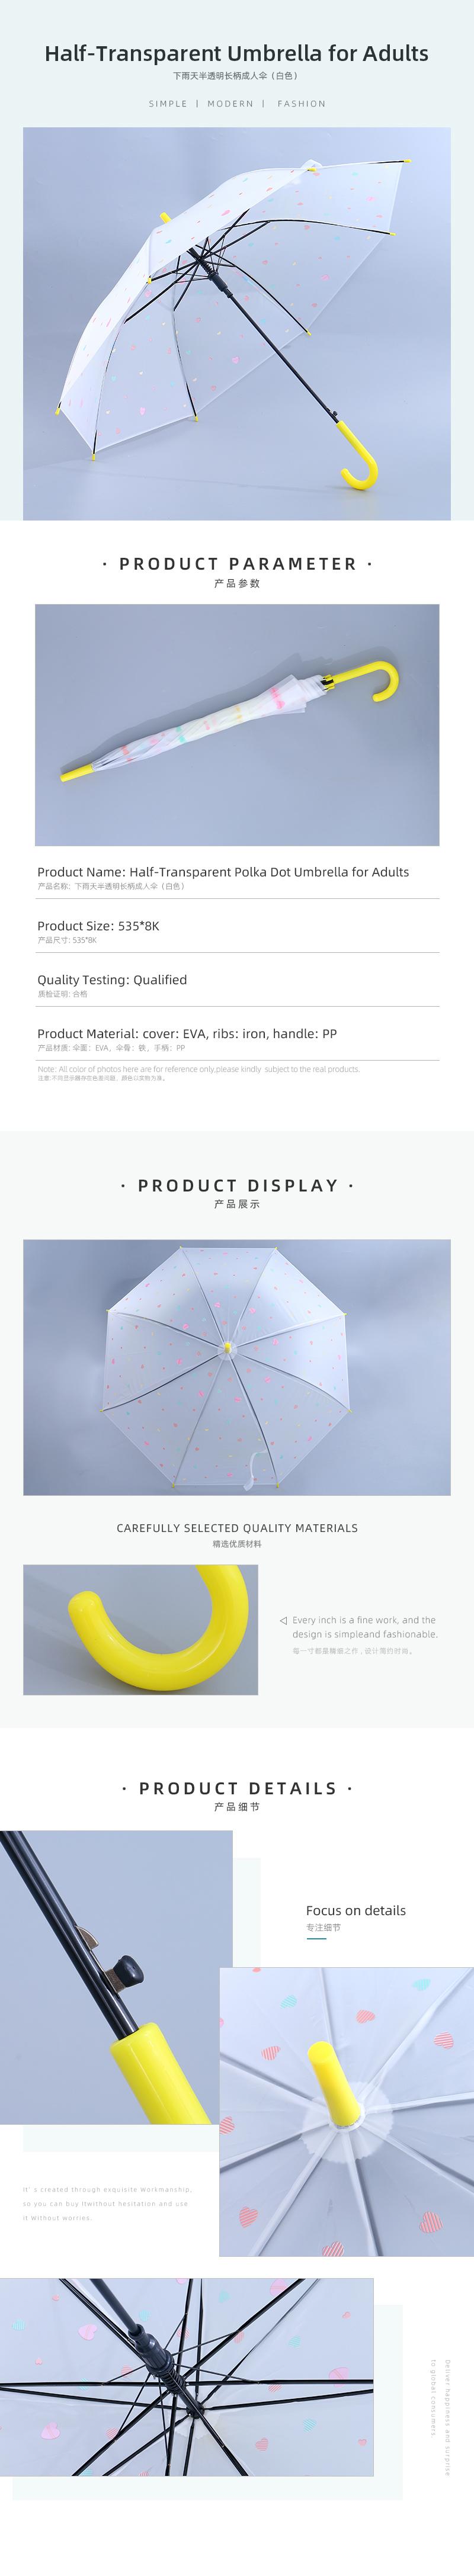 Half-Transparent Polka Dot Umbrella for Adults /></p> </div> </div> </div> <div class=